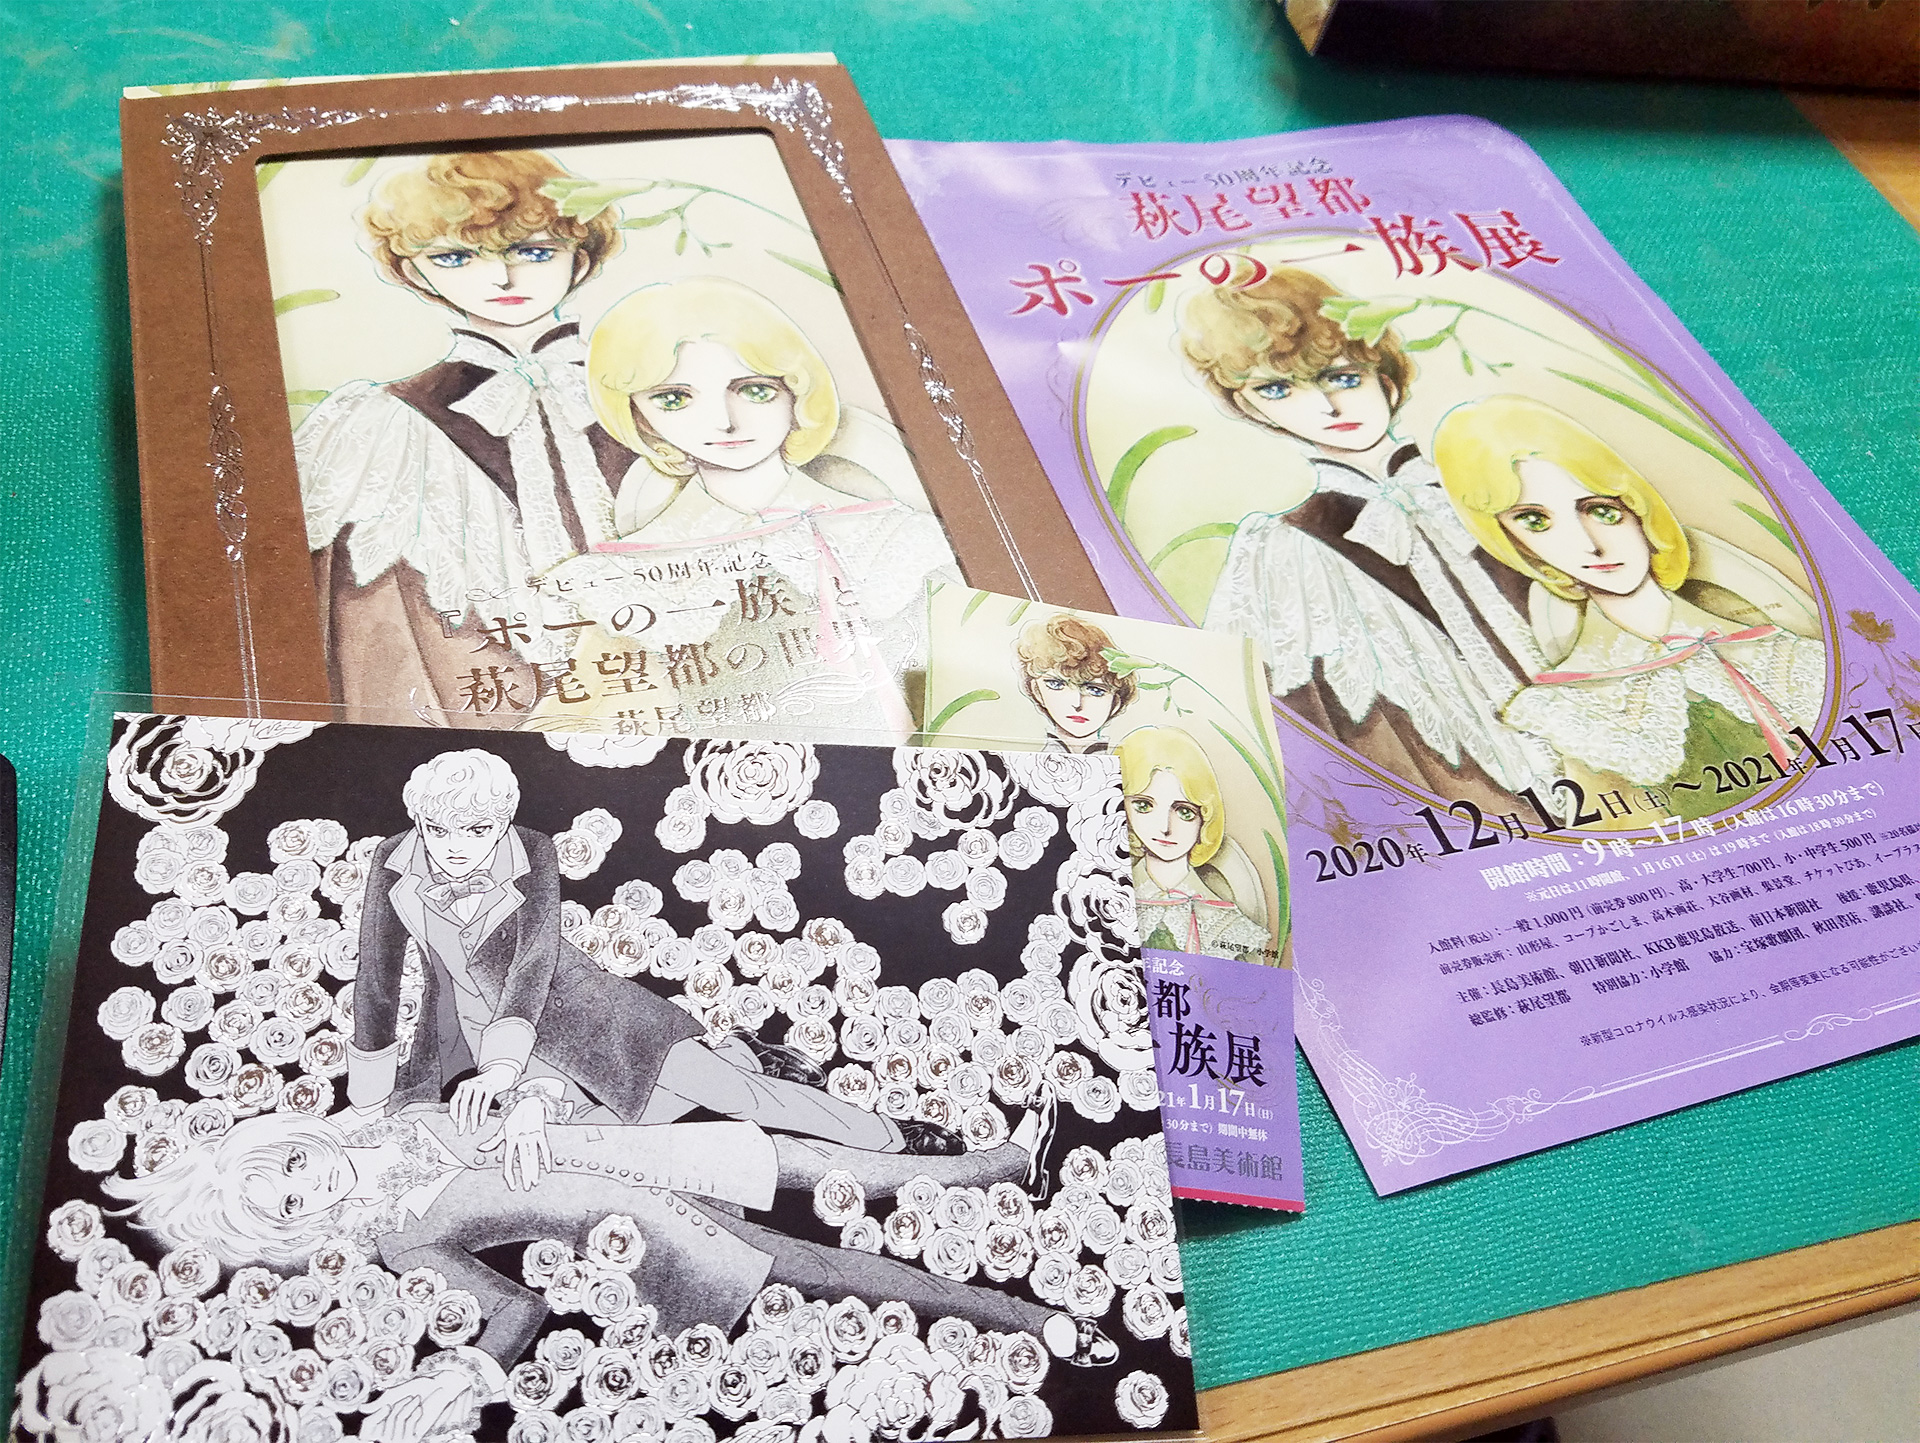 ポストカード付の「デビュー50周年記念 萩尾望都 ポーの一族展」本も購入させていただきました。